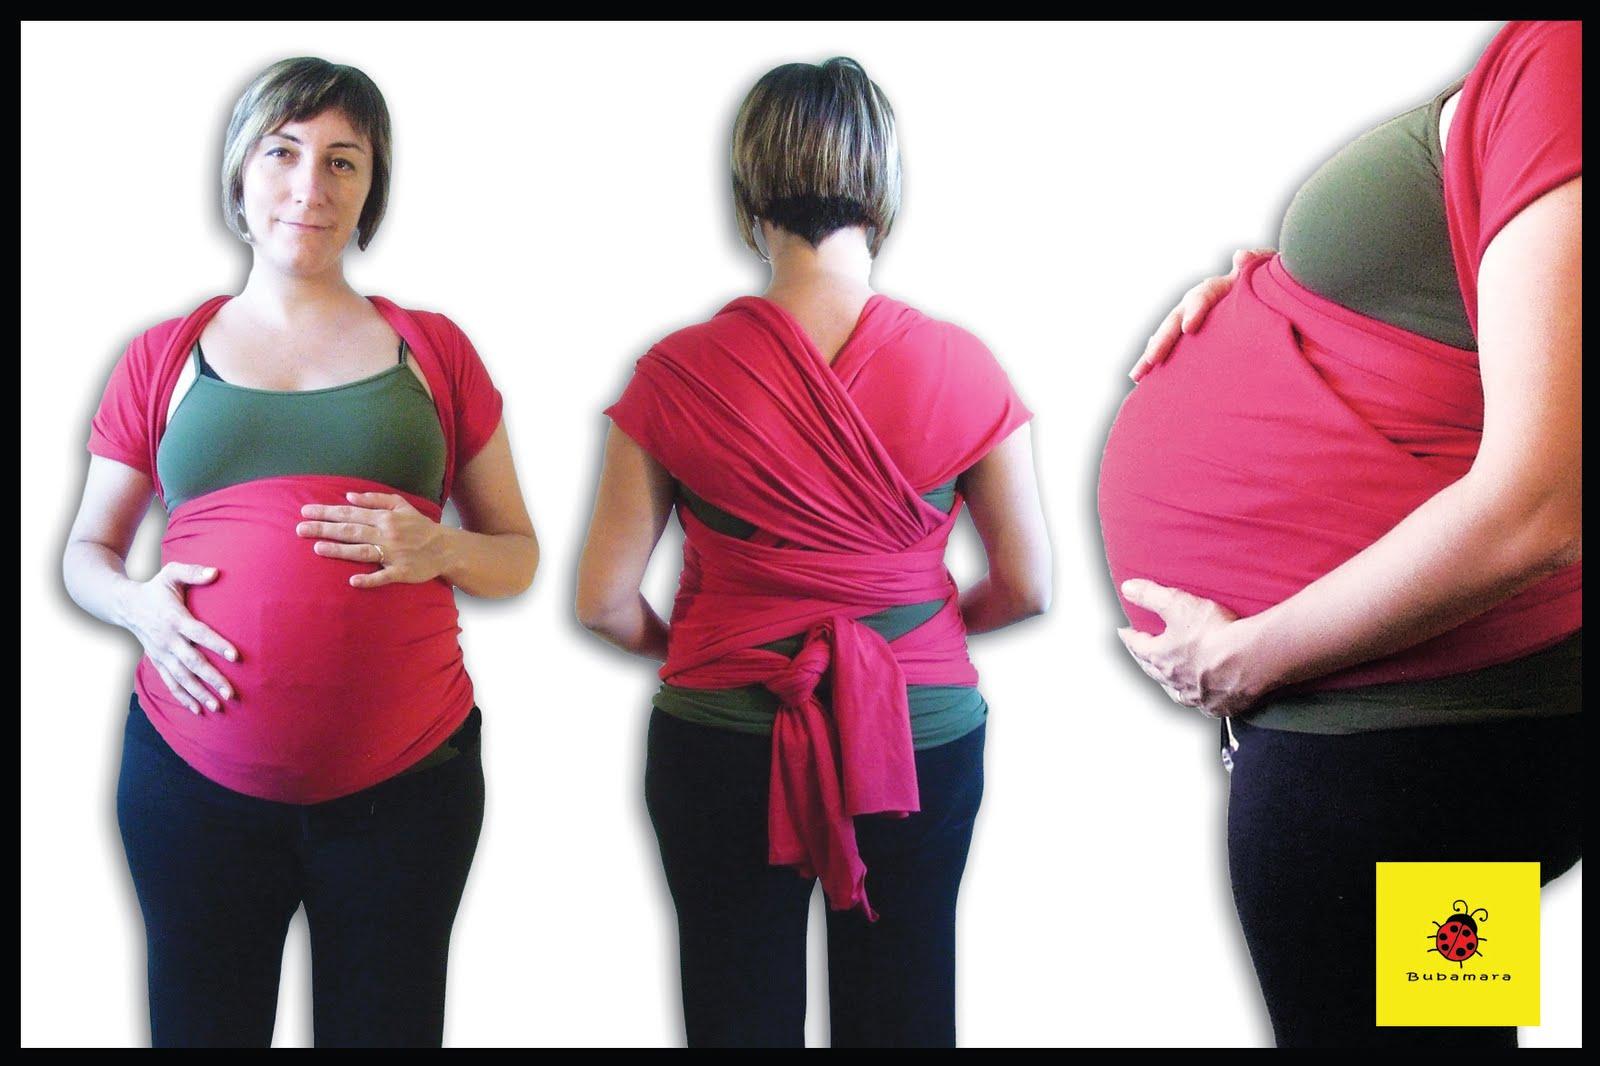 Bottega bubamara fascia porta beb e mei tai il - Fascia porta bebe rigida ...